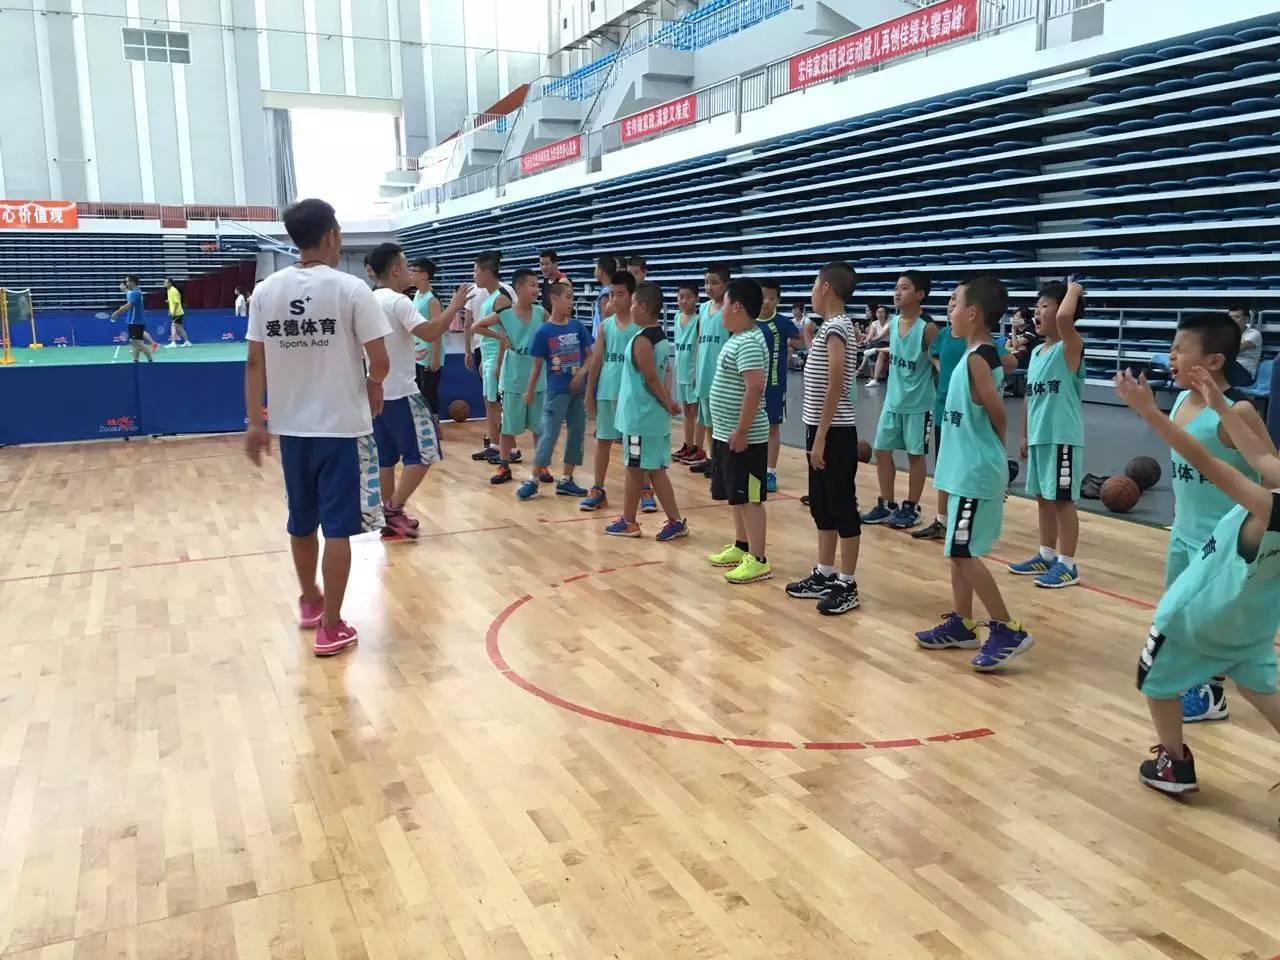 爱德体育飞吧篮球特训营免费试听课